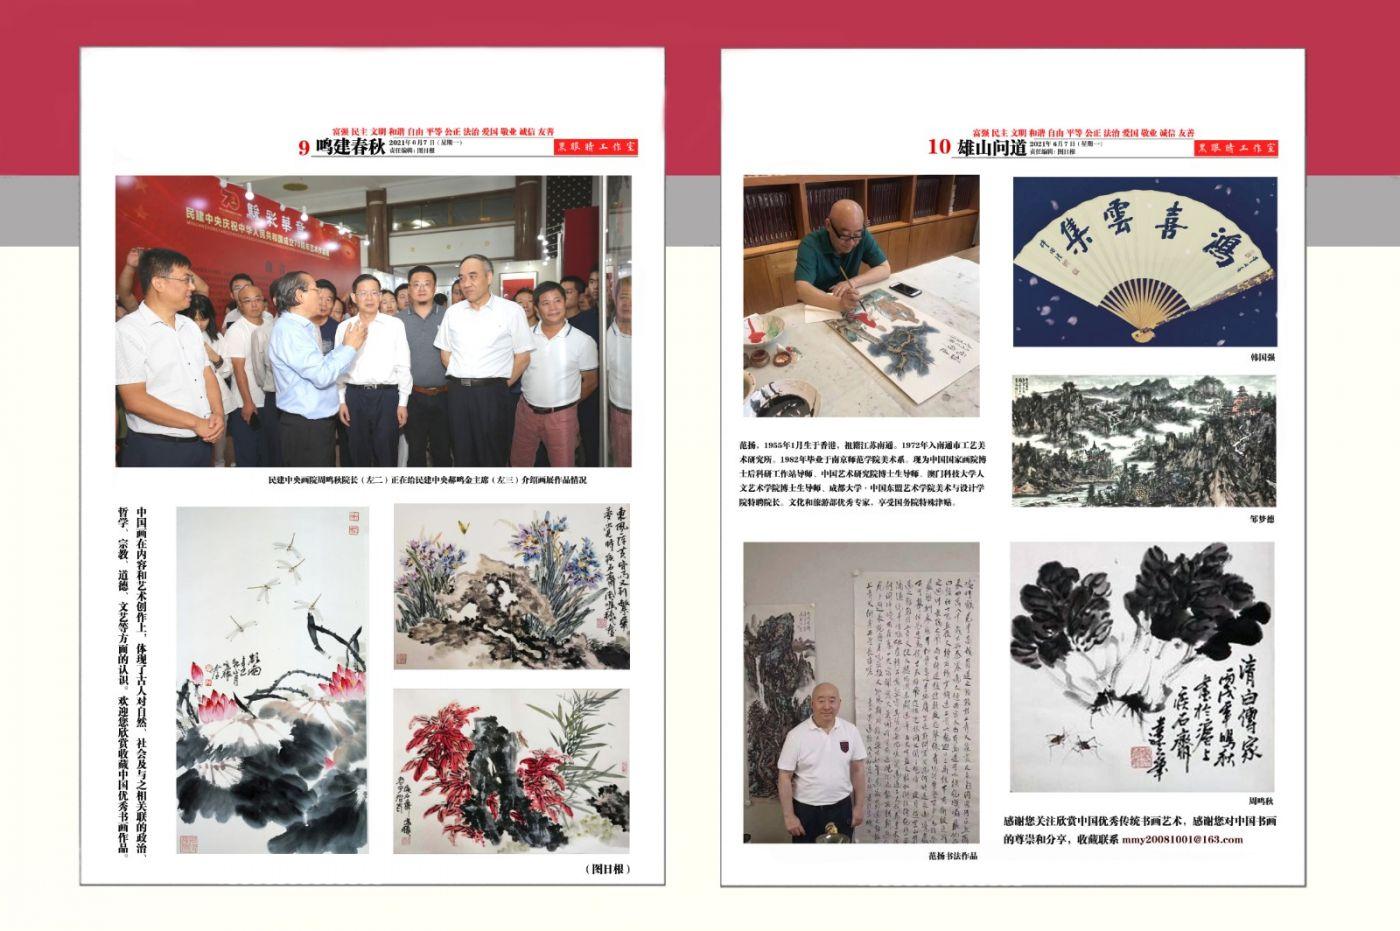 漠墨园艺术 总第24期出品_图1-3